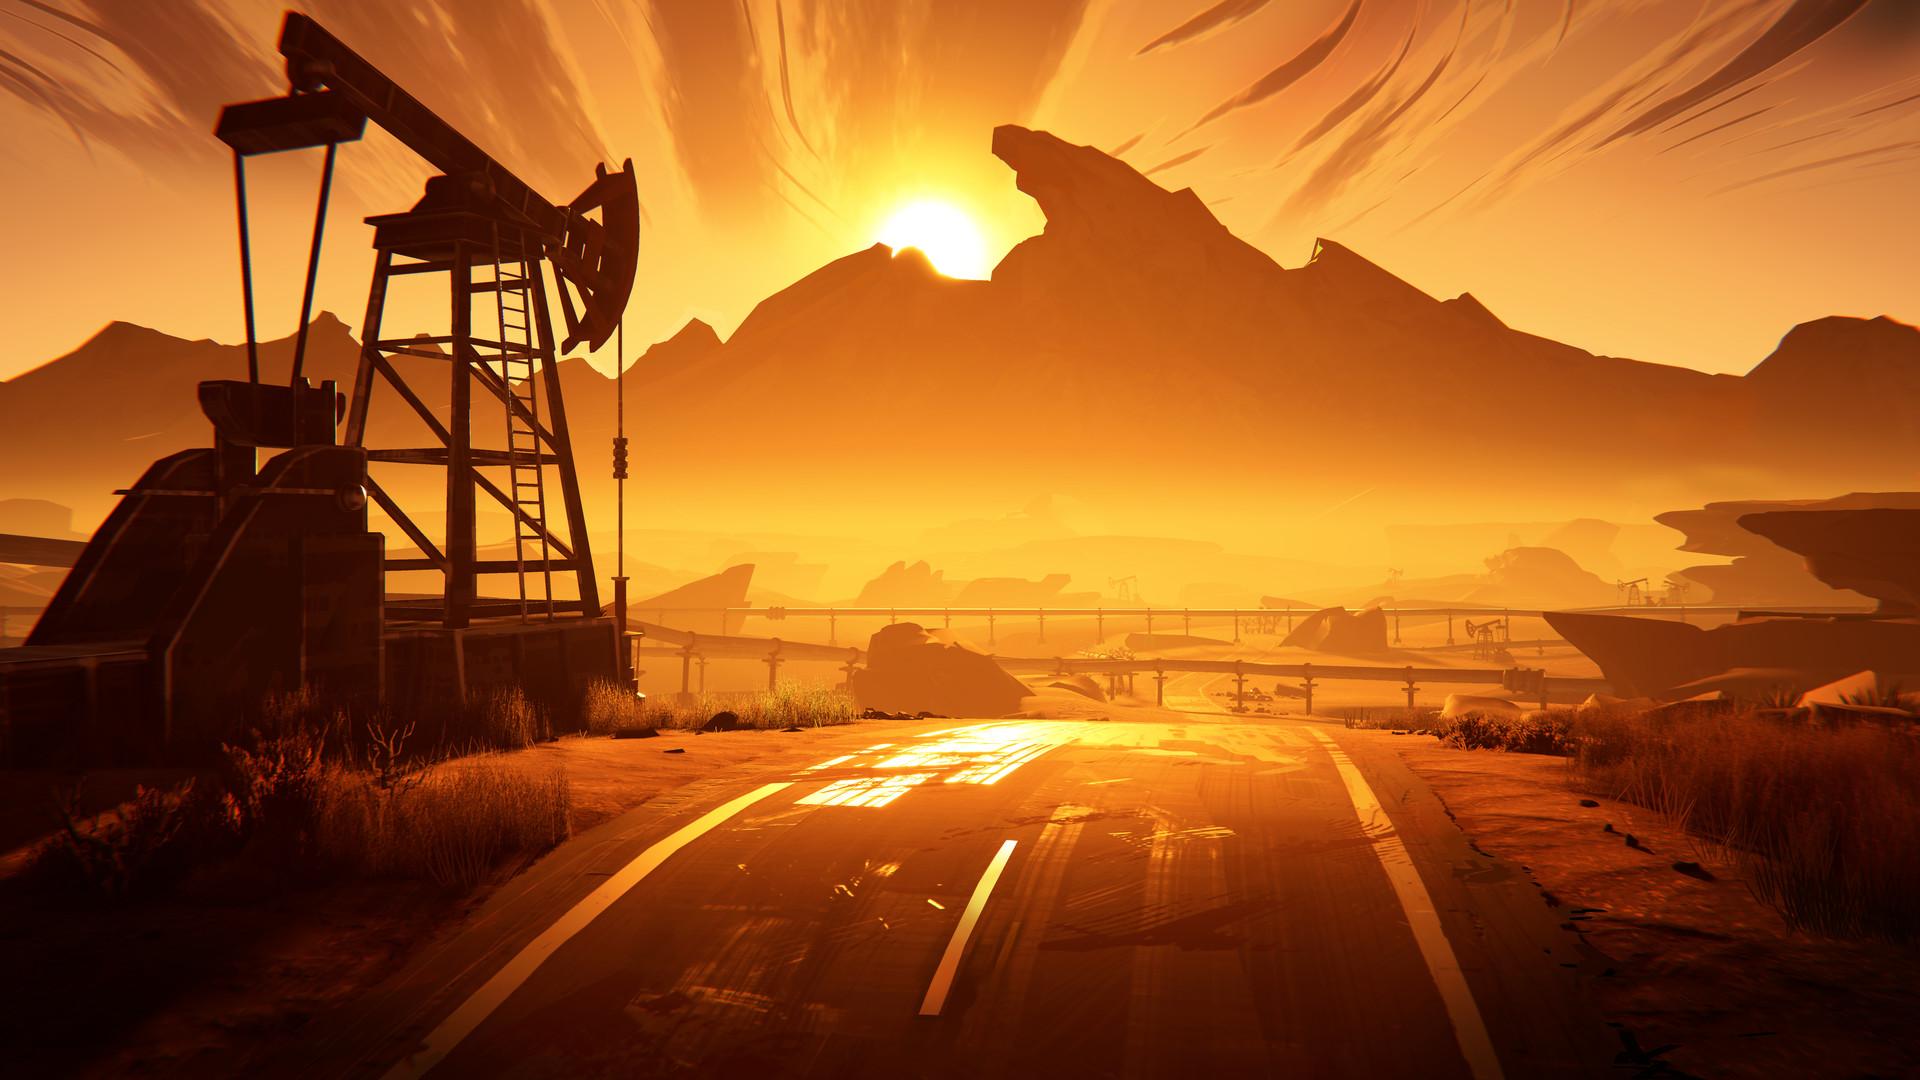 冒险游戏《九十六号公路》上架Steam